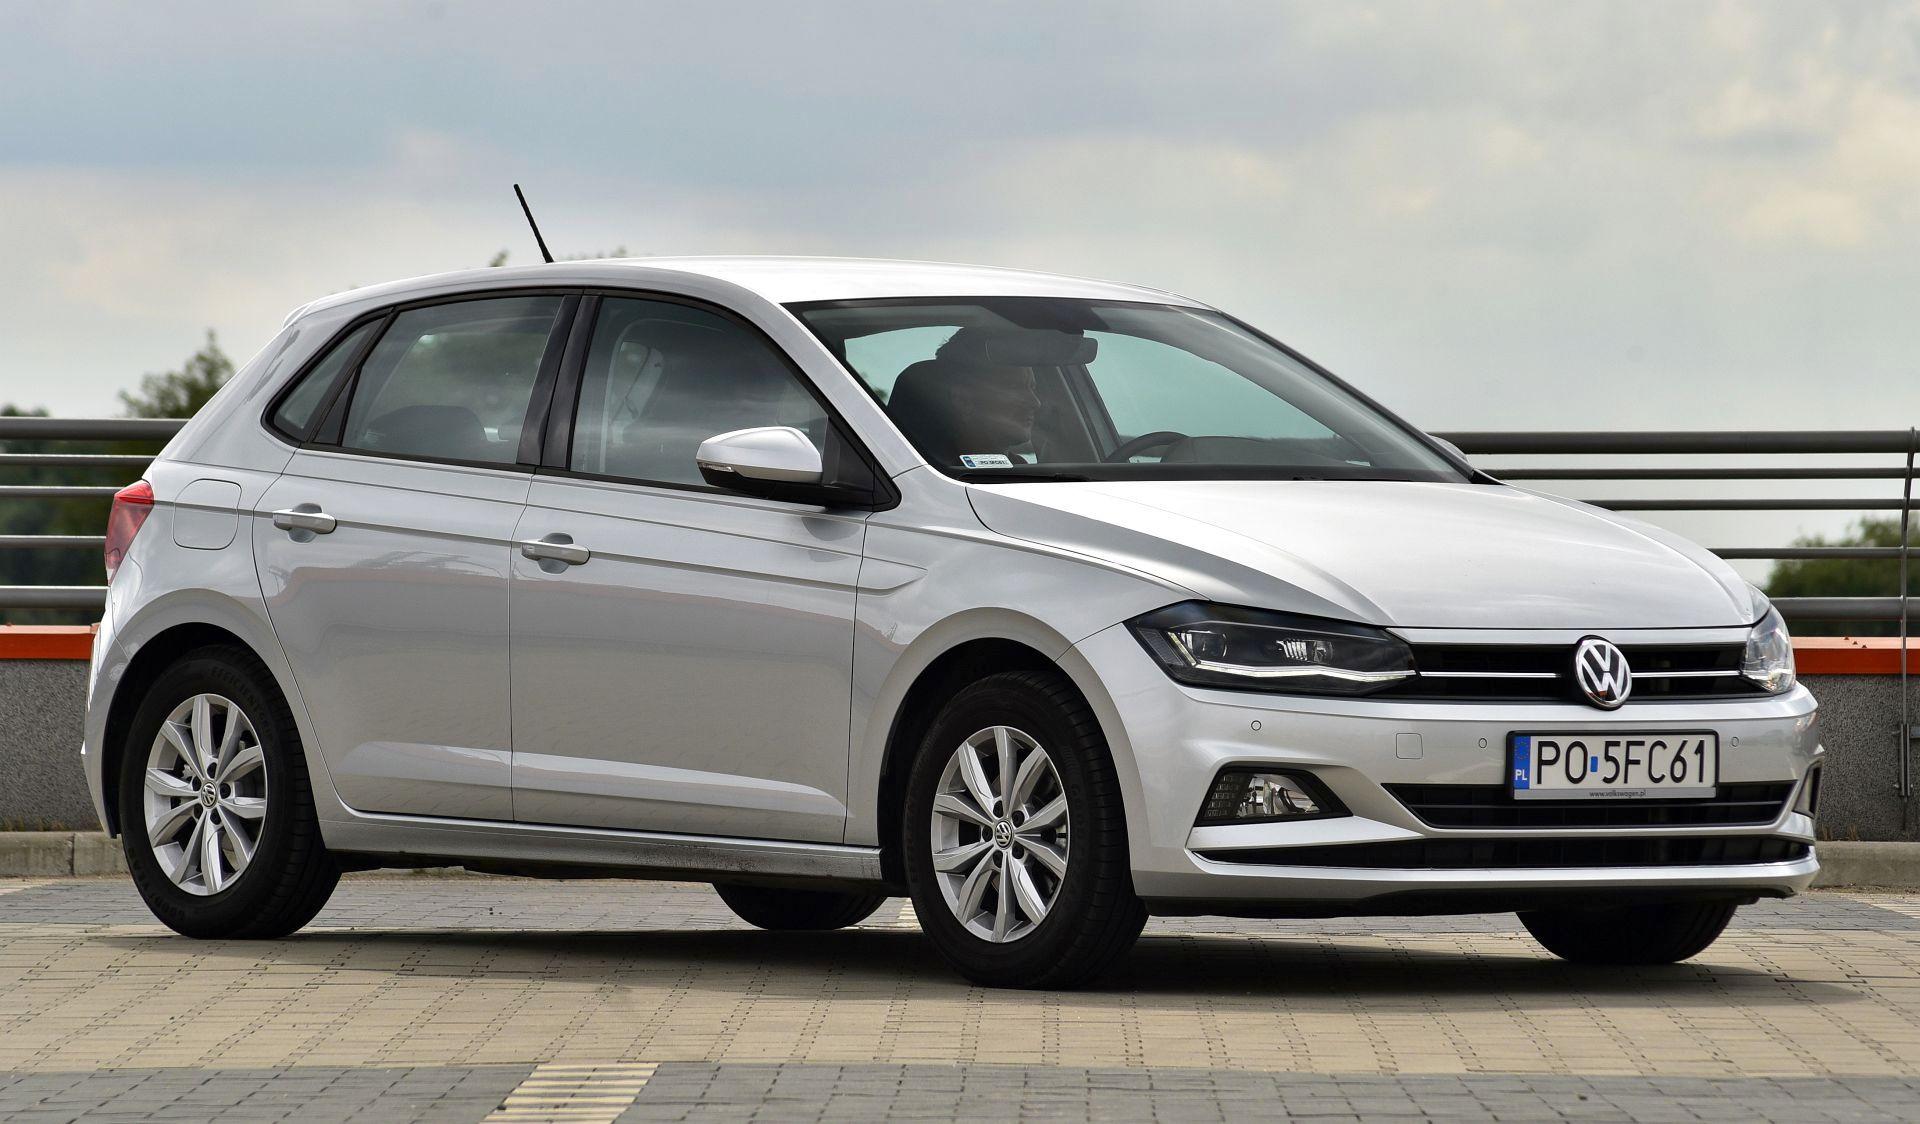 Volkswagen Polo (2018)